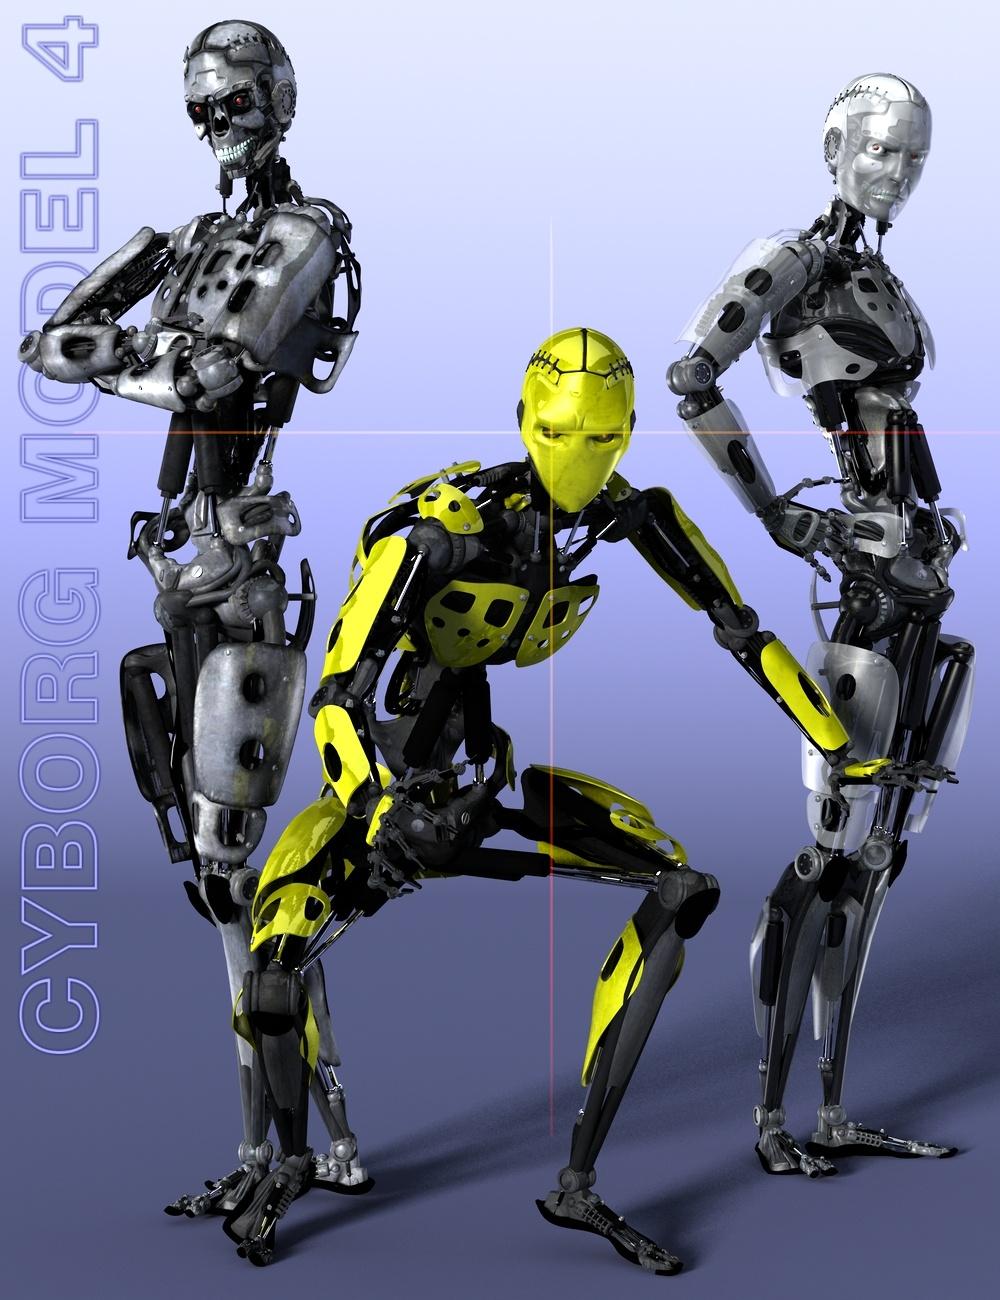 Cyborg Model 4 by: DzFire, 3D Models by Daz 3D